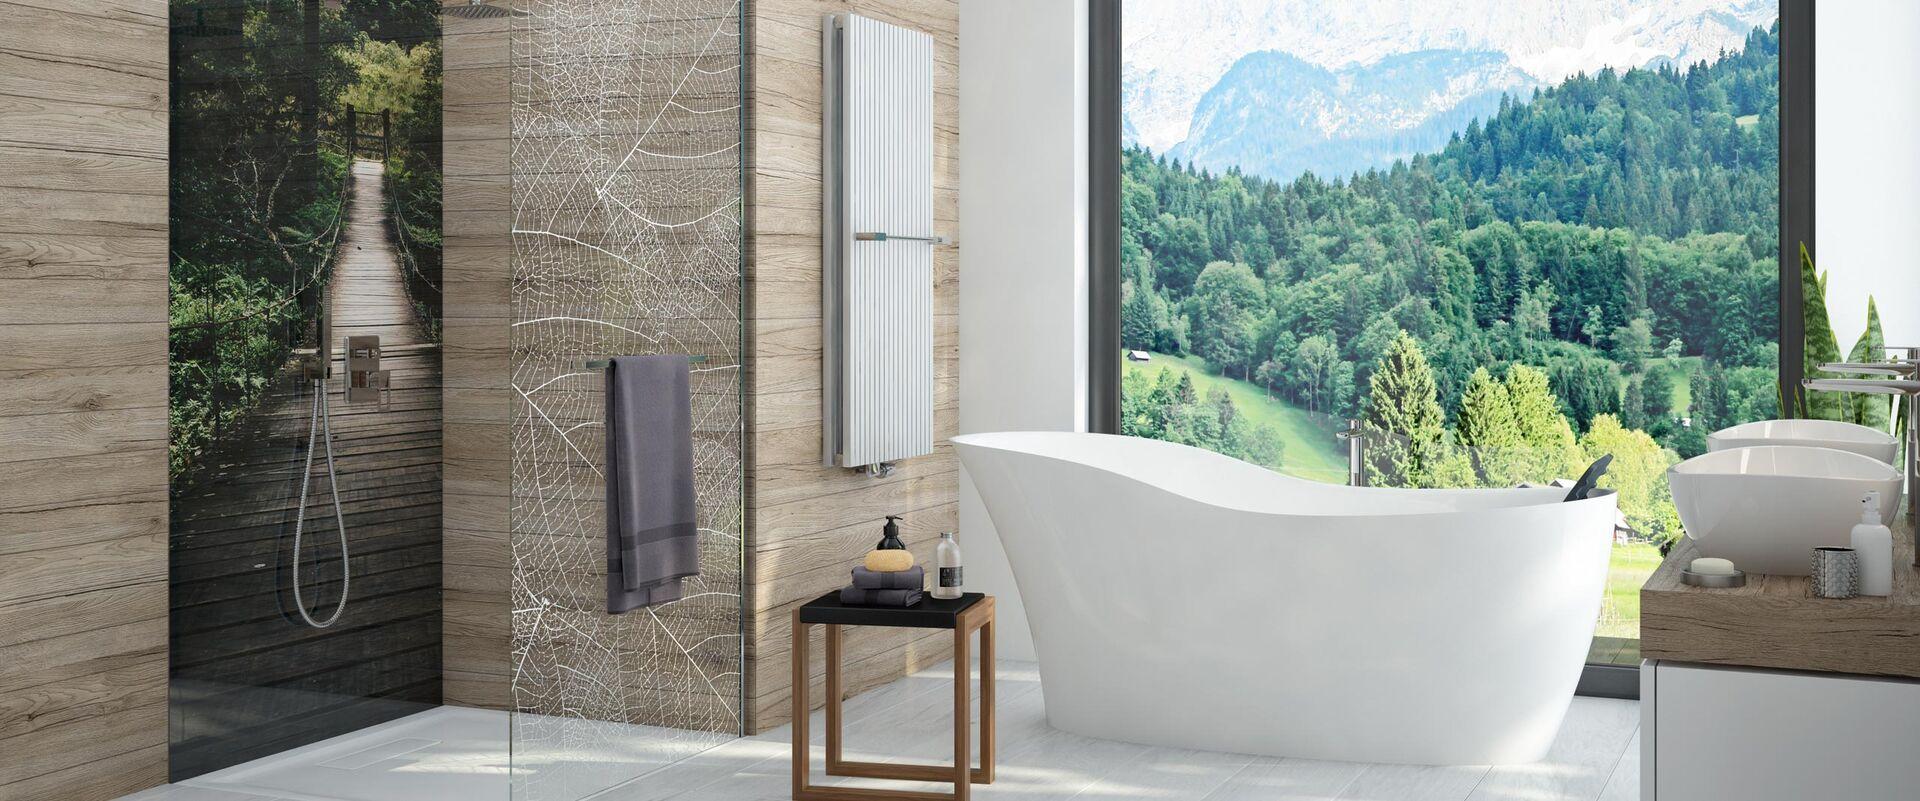 HOESCH Namur   Wärme und Geborgenheit in der Badewanne